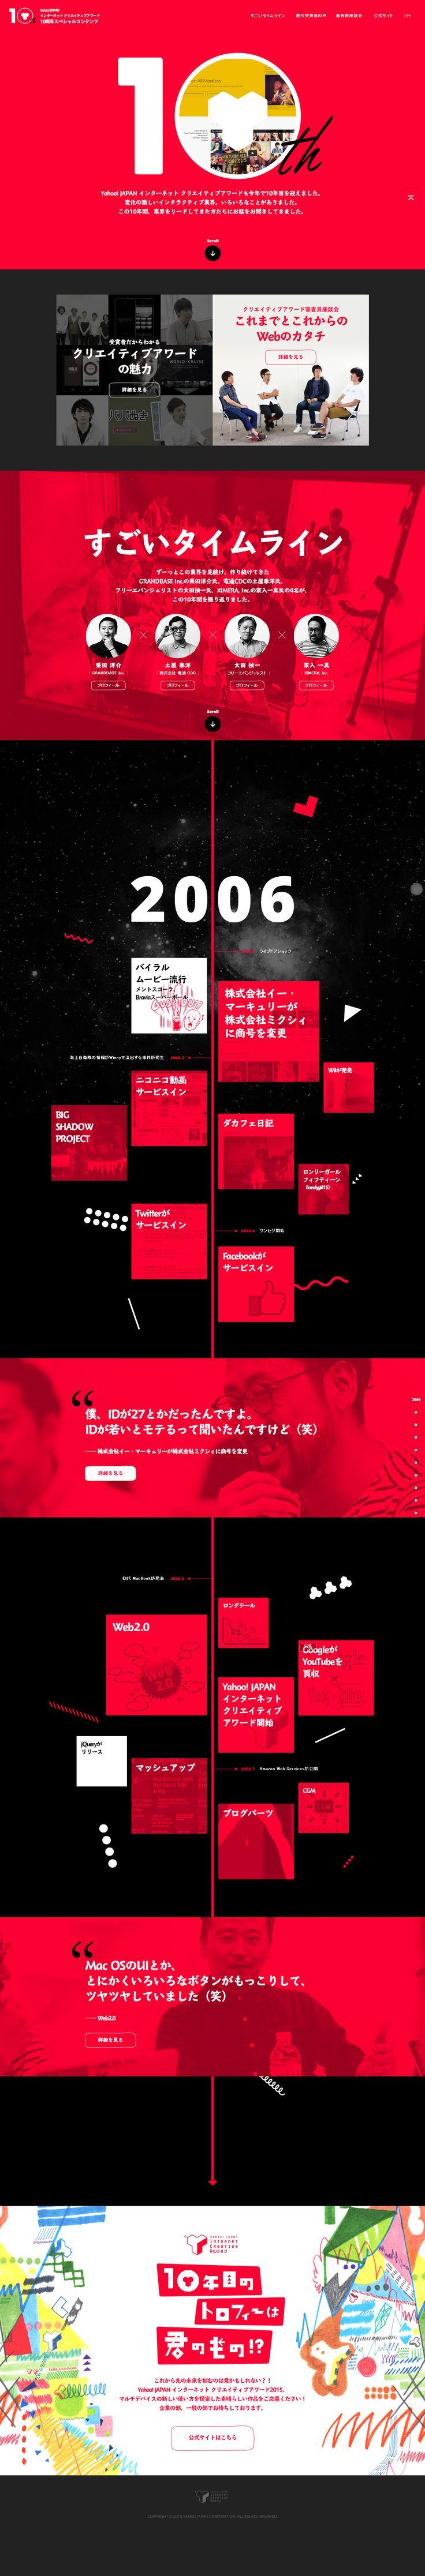 Website Design Layout Web Layout Website Designs Design Web Japan Design Design Layouts Typo Asia Ui Ux